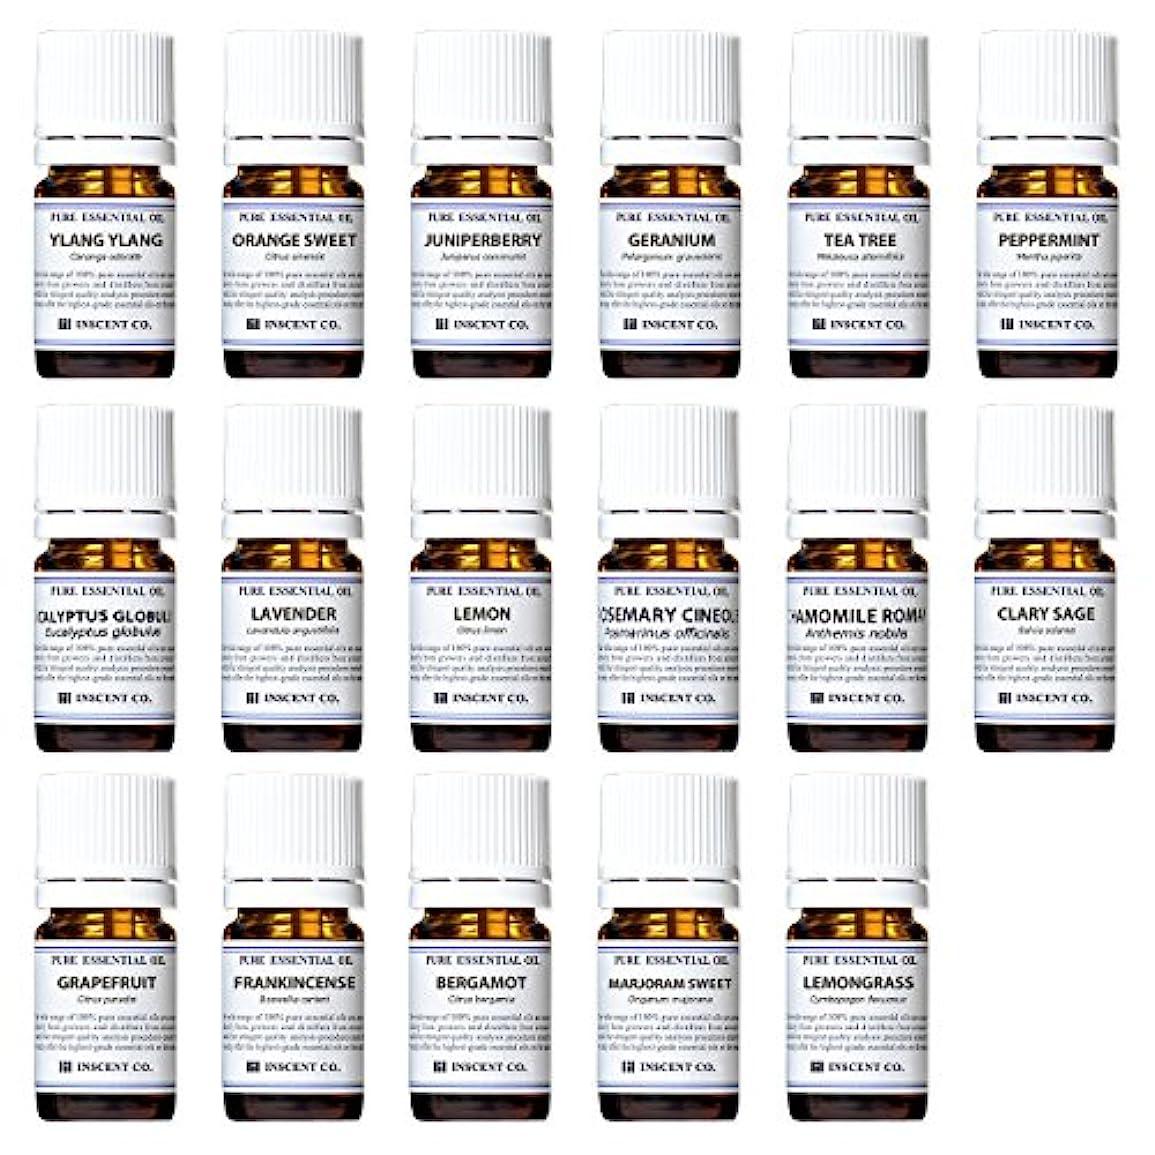 割合リップ恐れアロマテラピー検定香りテスト対応17種セット エッセンシャルオイル 精油 AEAJ インセント